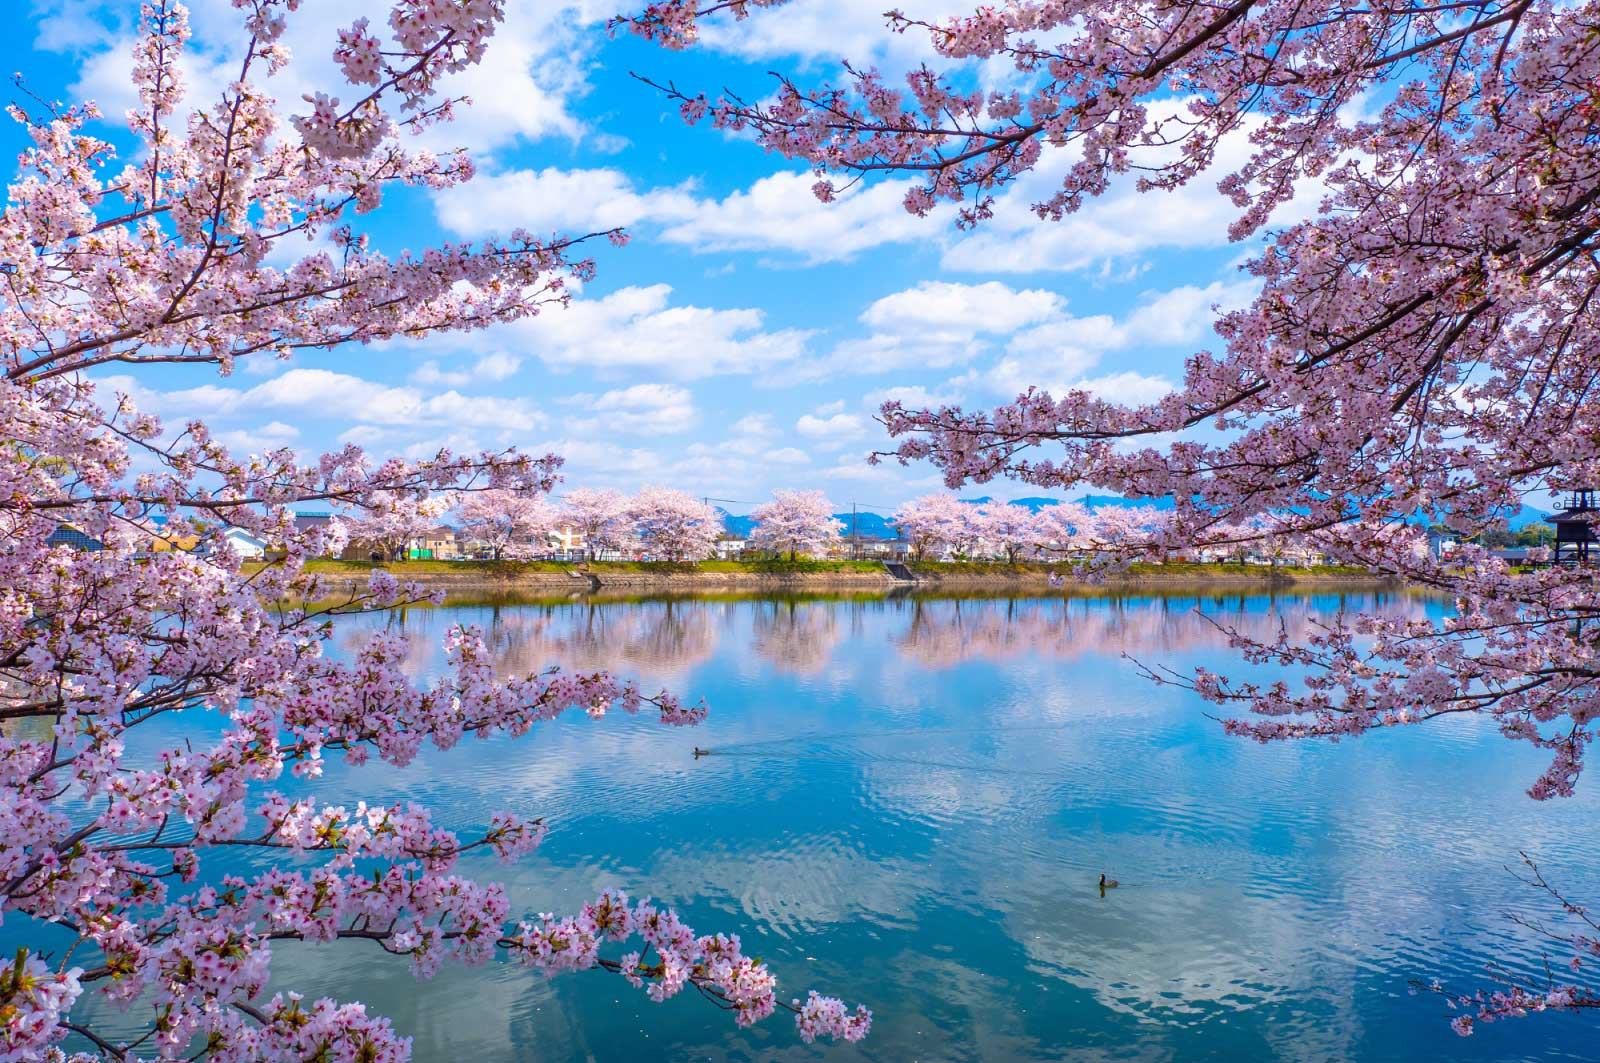 唐古・鍵遺跡史跡公園(奈良)の桜